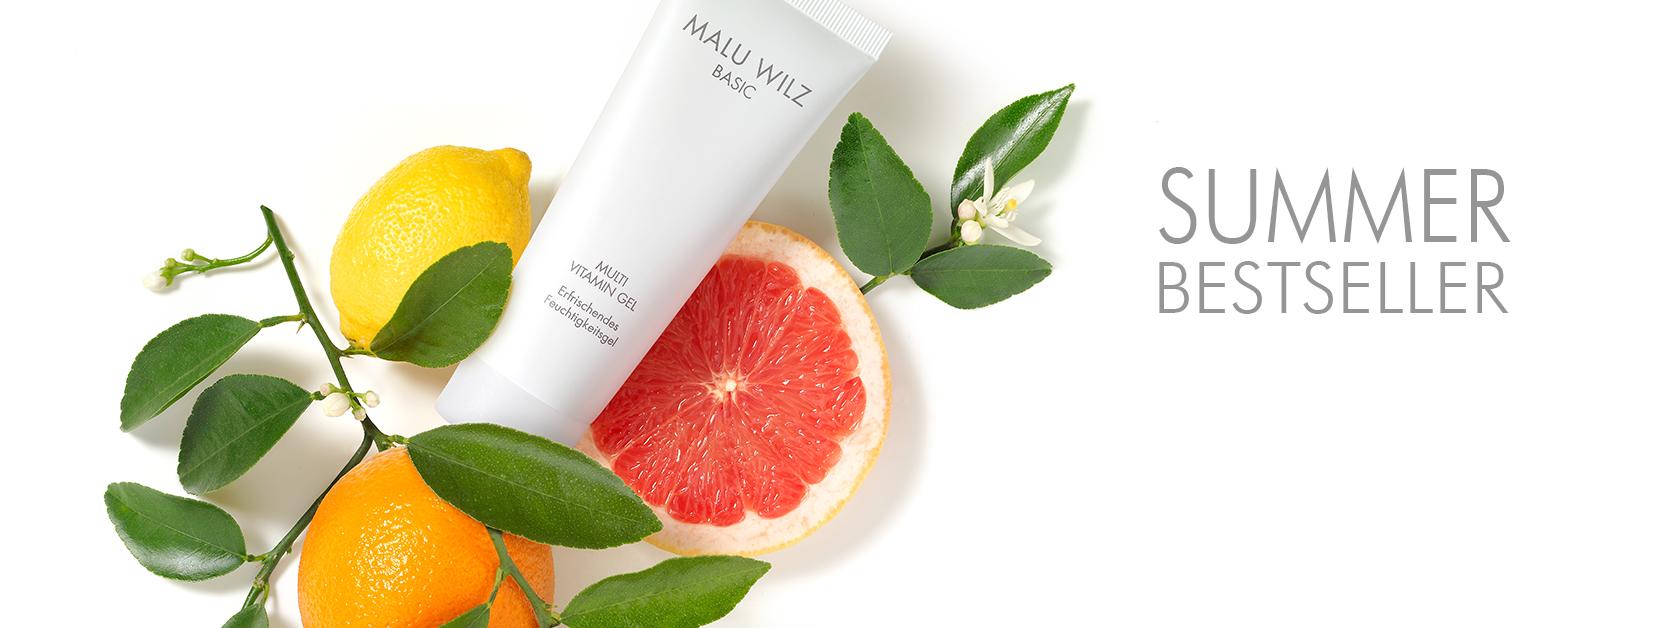 Zitrusfrüchte mit Hautpflege-Produkt